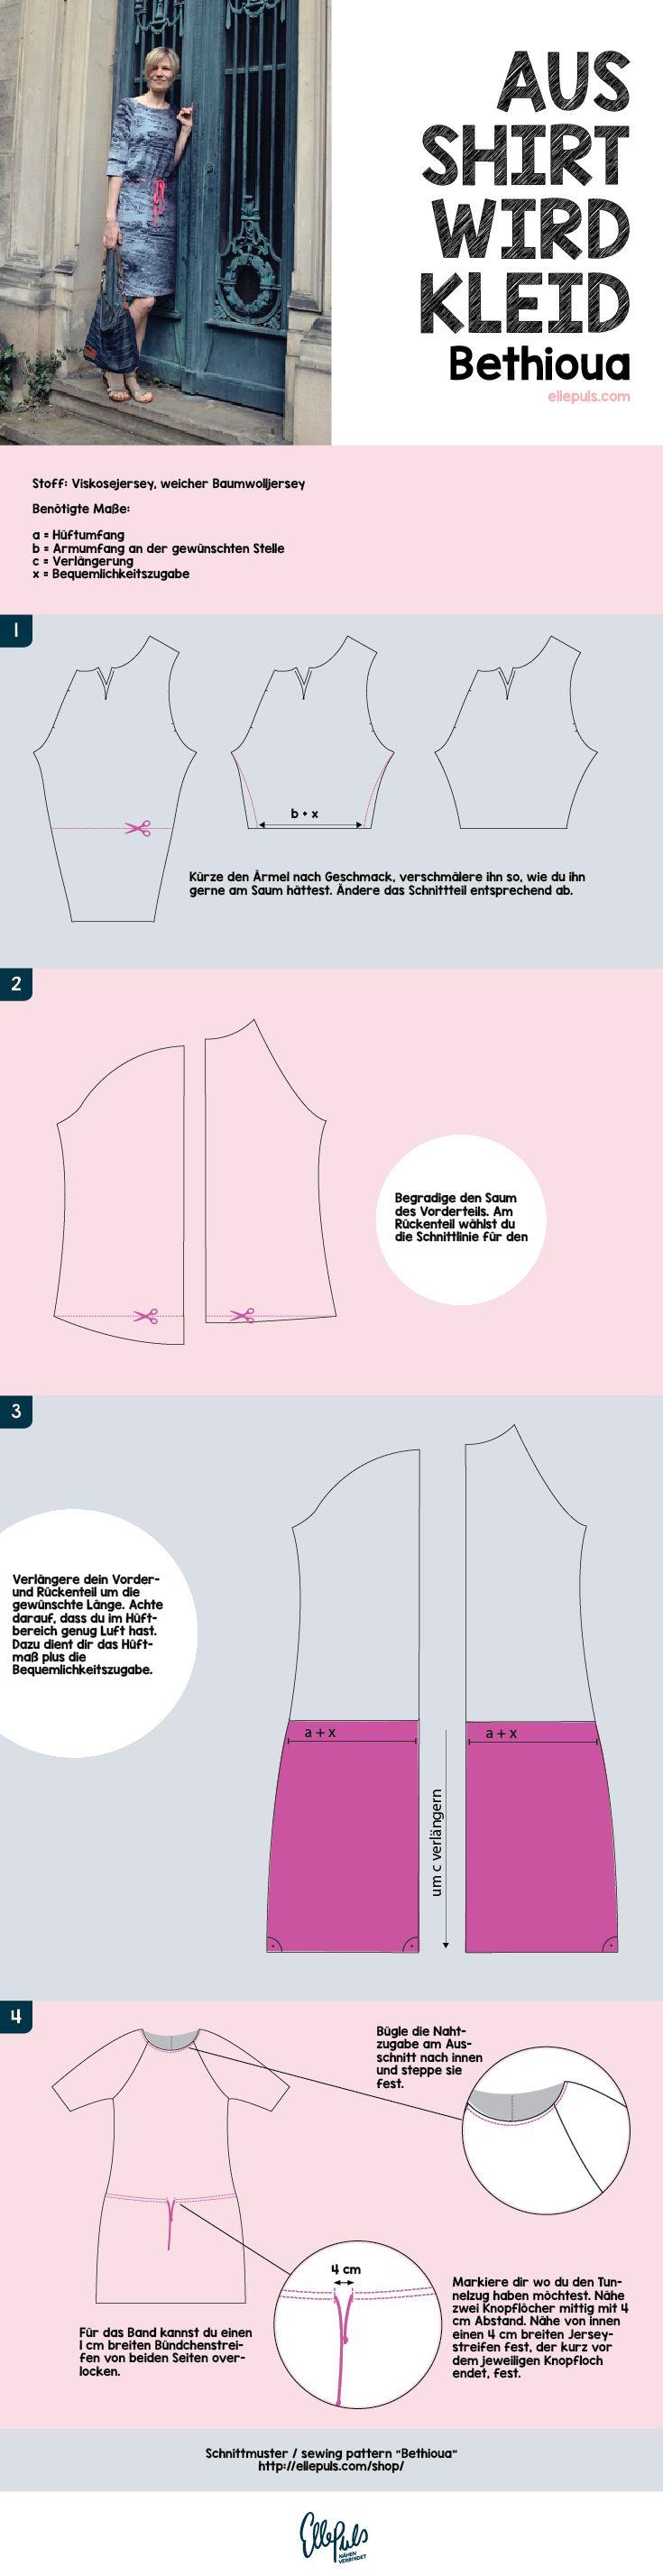 Schritt für Schritt Anleitung für ein Bethioua Kleid. Tutorial mit Bildern.